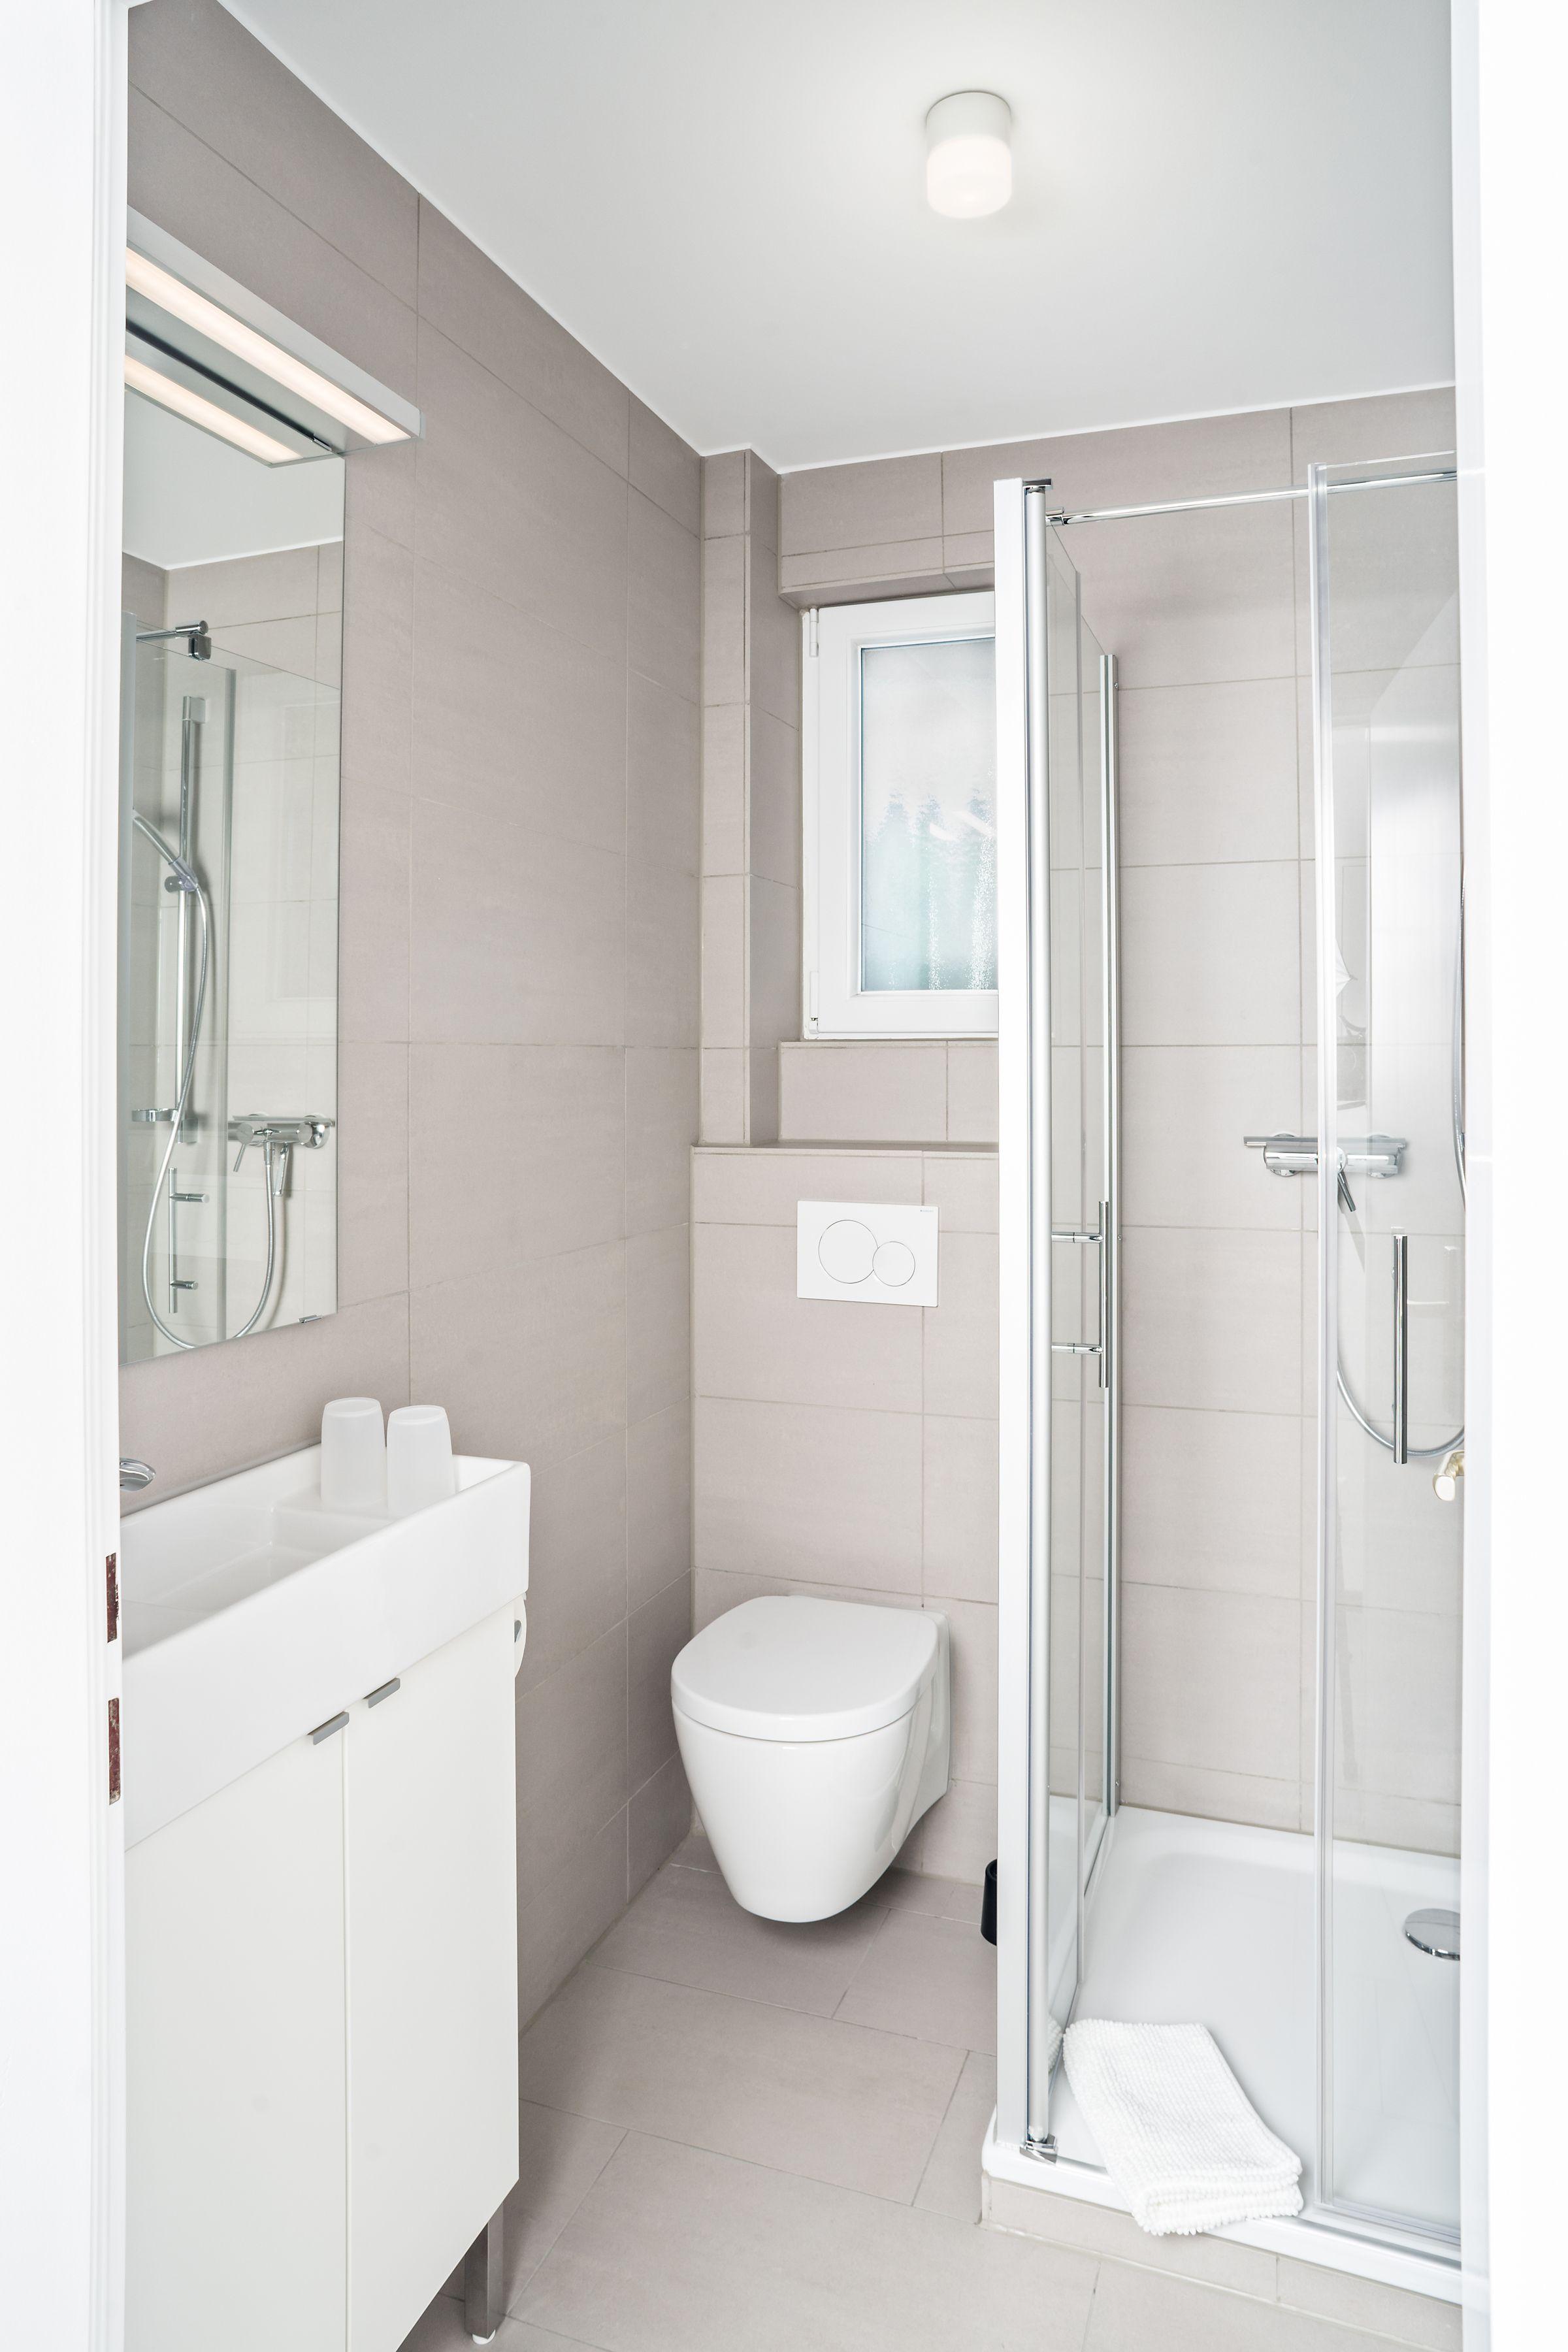 Gelbe Lodge: Blitzsauber duschen  Ferienwohnung cuxhaven